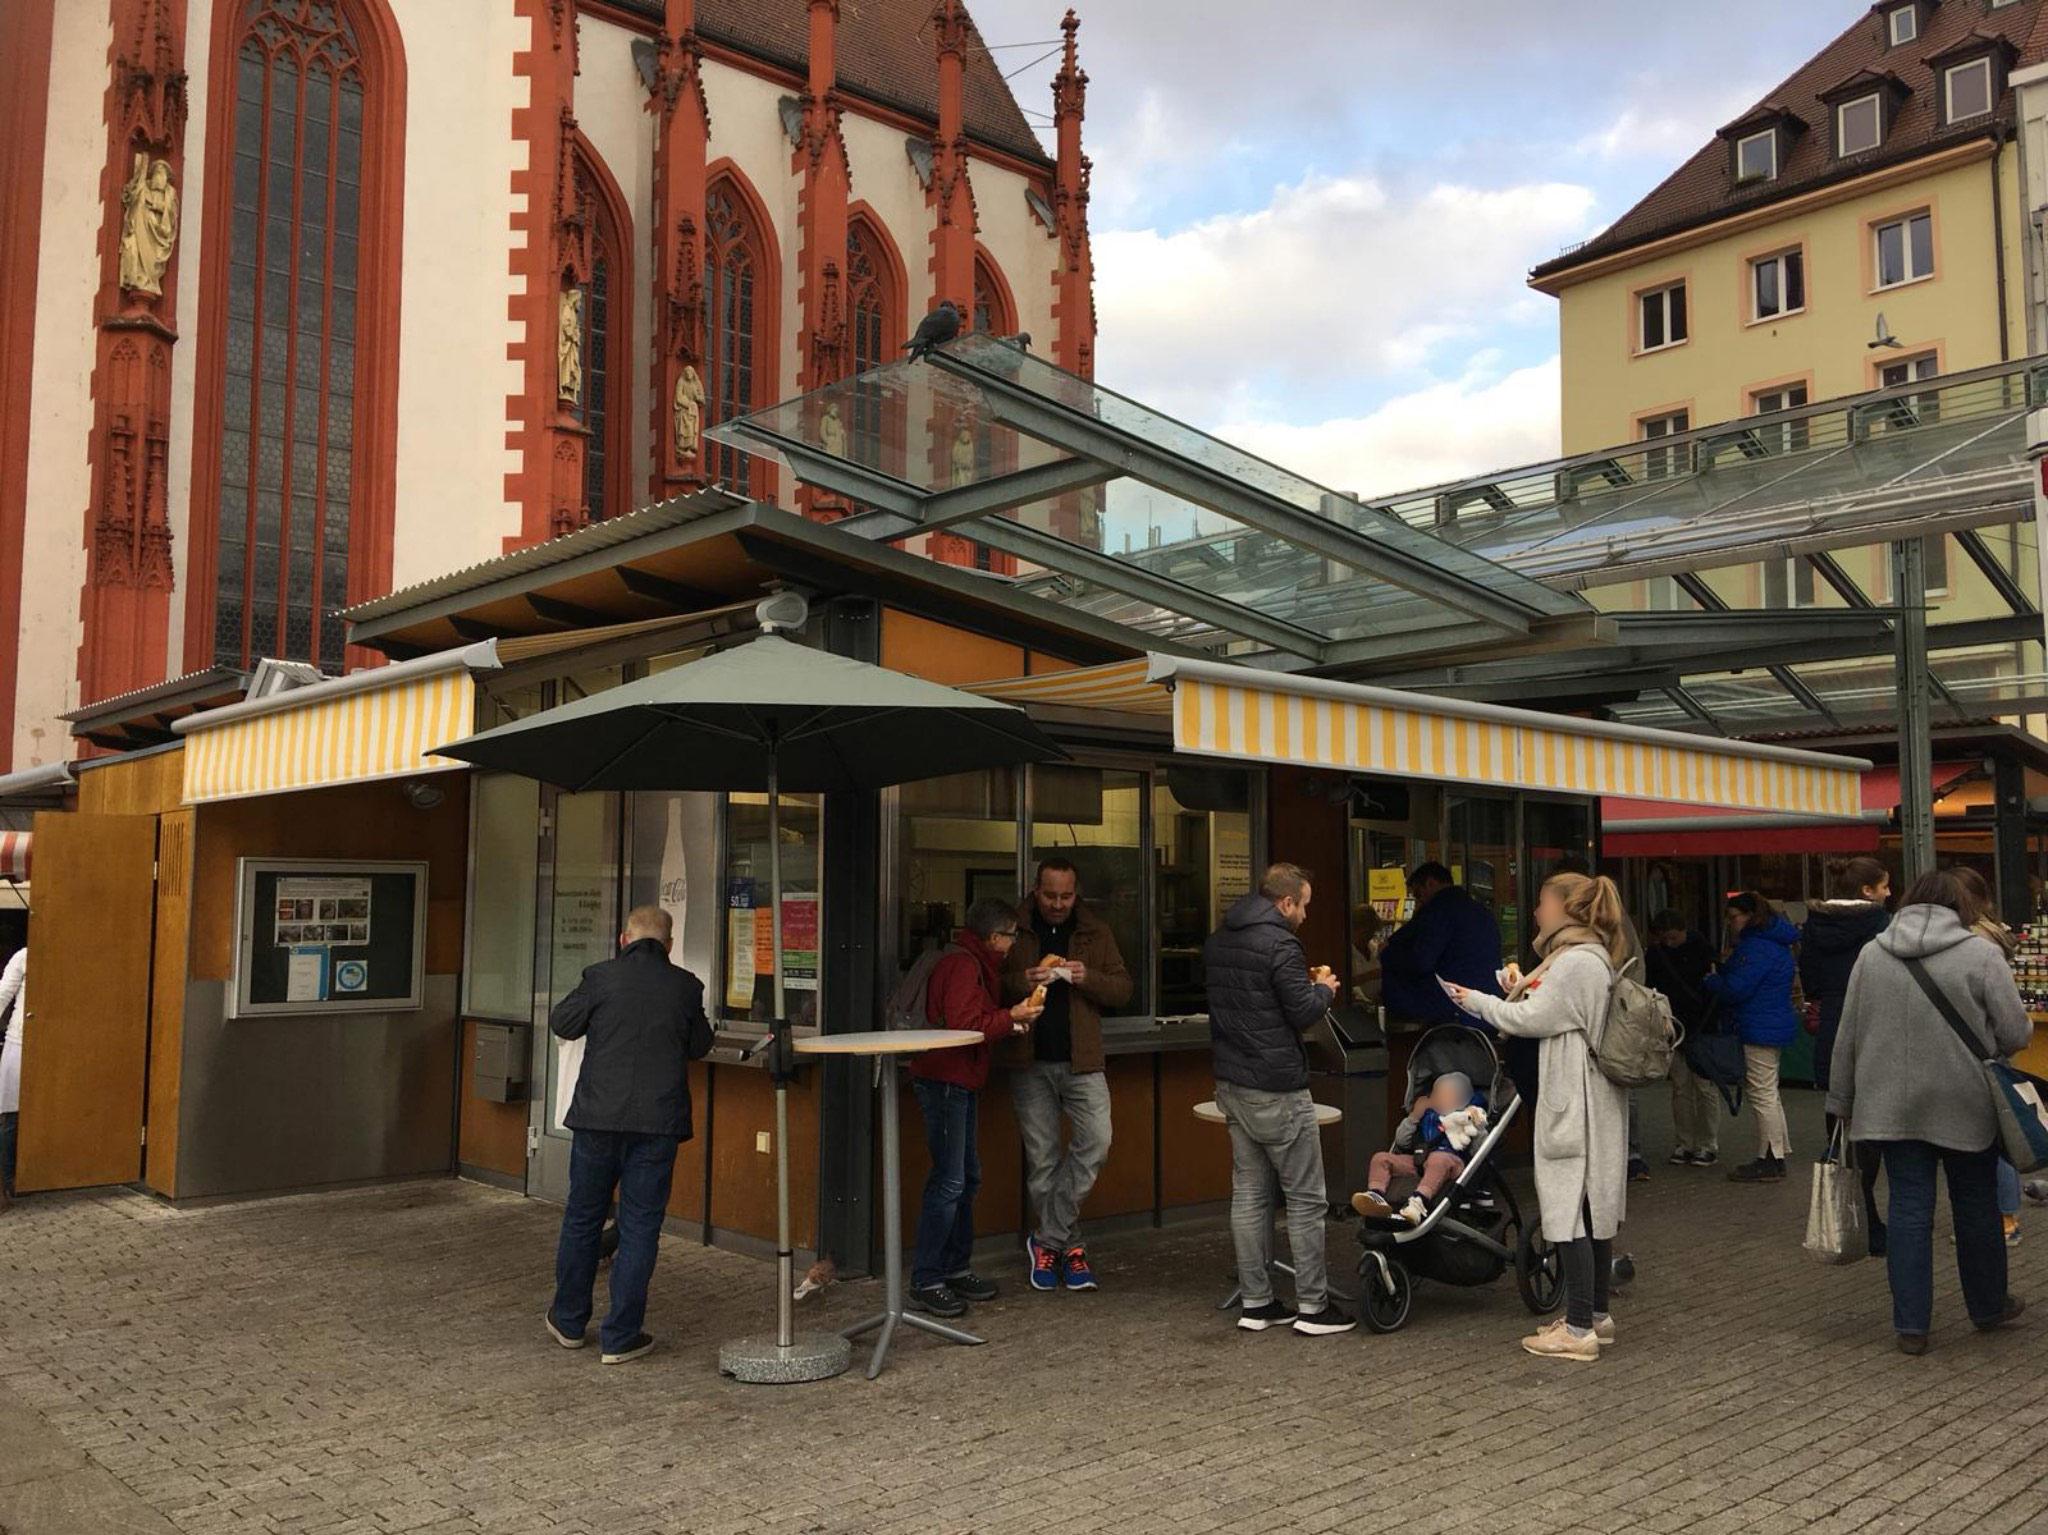 Der Bratwurststand Knüpfing auf dem Marktplatz. Foto: Katharina Bormann